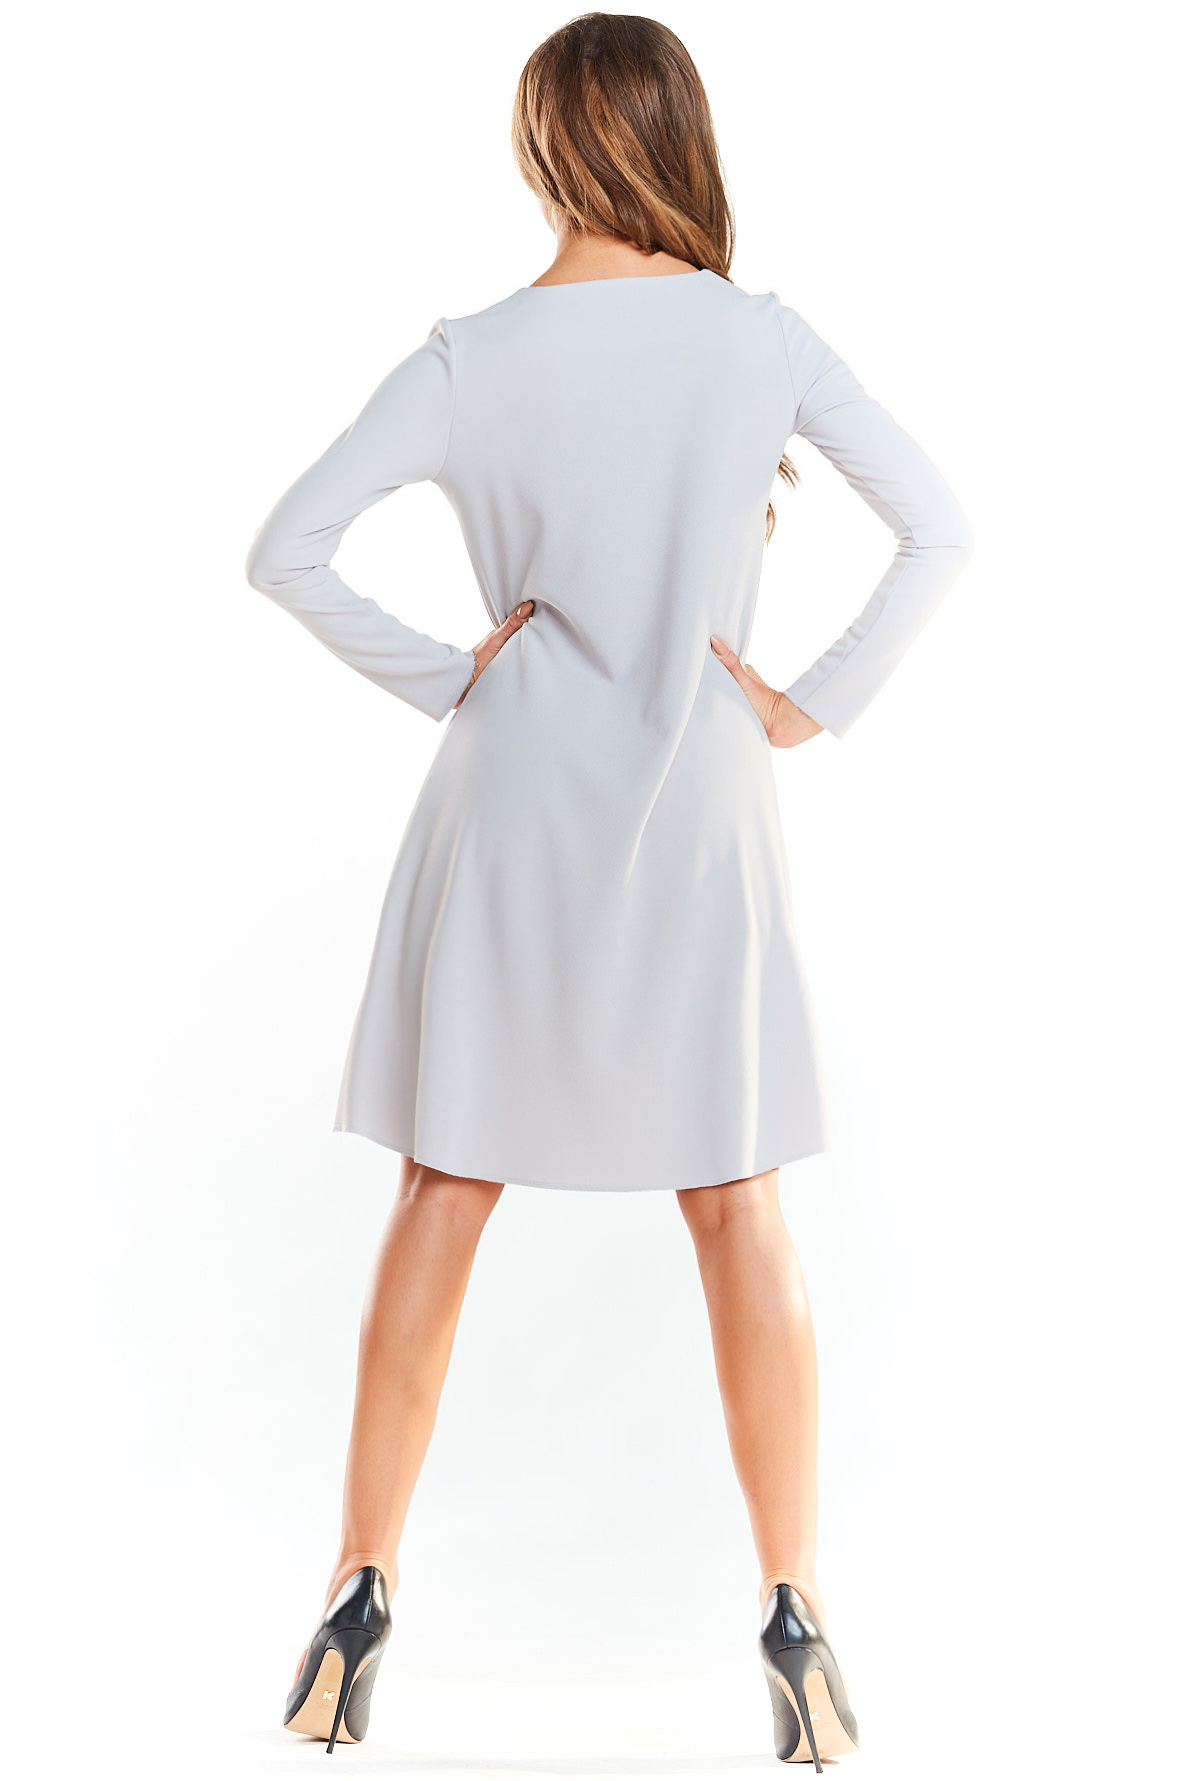 CM4036 Klasyczna sukienka delikatnie rozkloszowana - szara